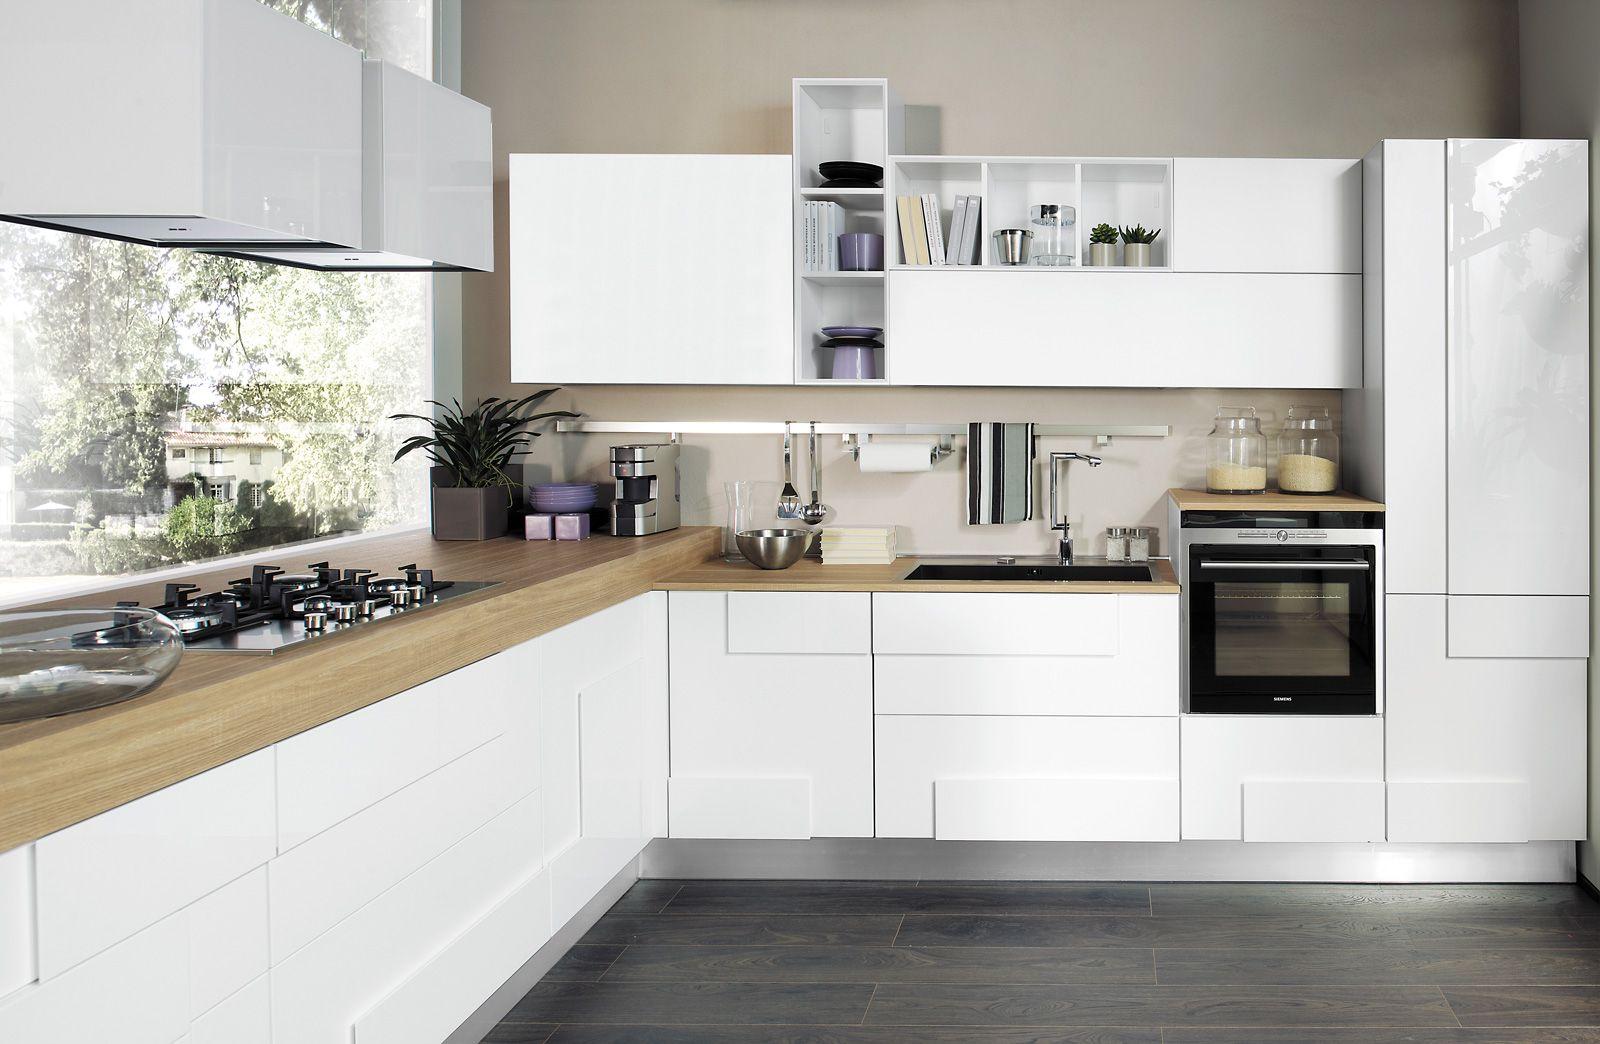 Cucine Lube ad angolo, i suggerimenti per arredare - Lube Store Milano - Le C...